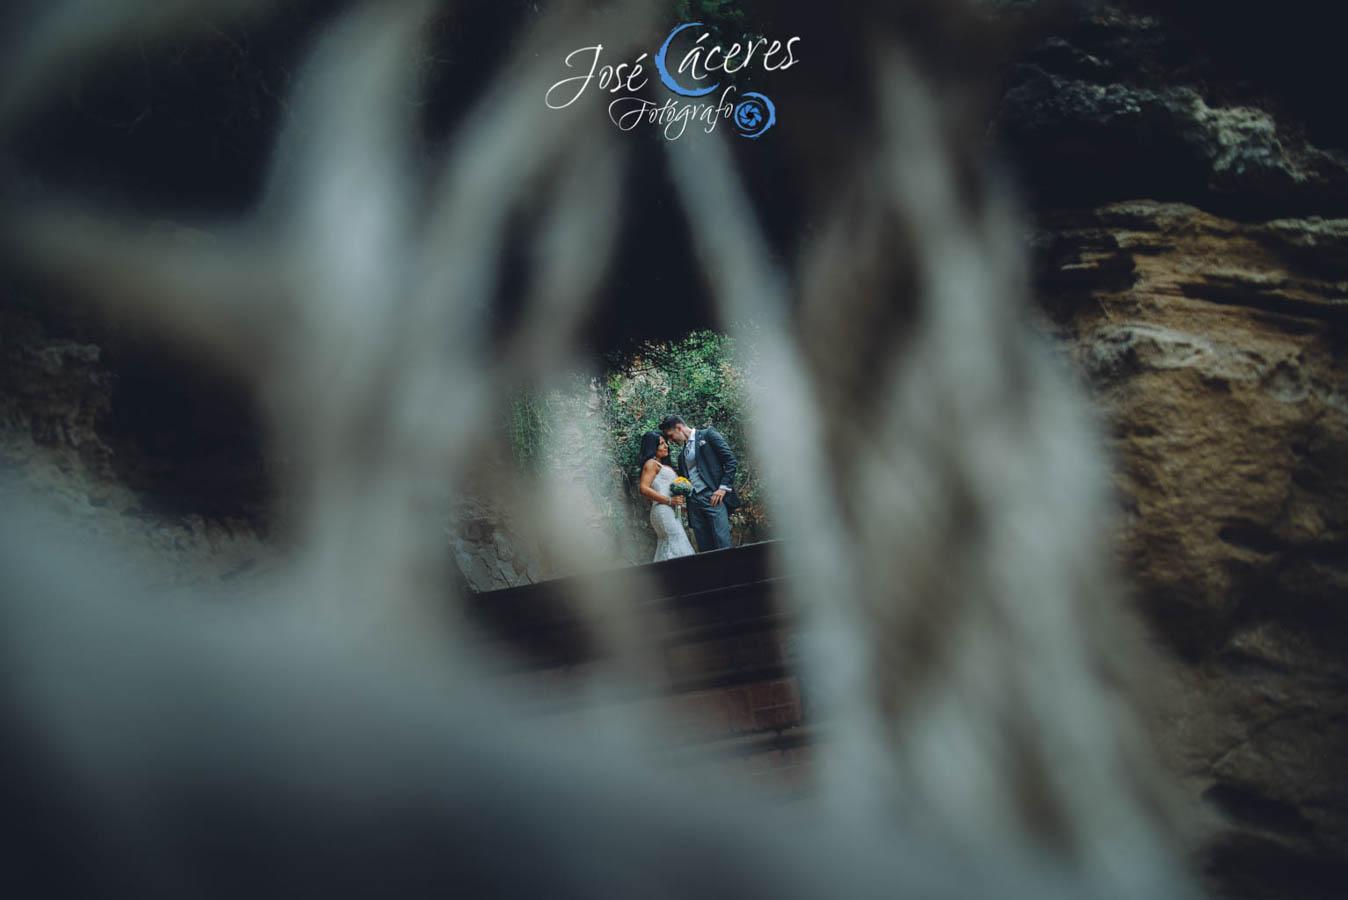 Sesion fotografica de jose caceres fotografia, post boda leticia y jose luis, playas-15